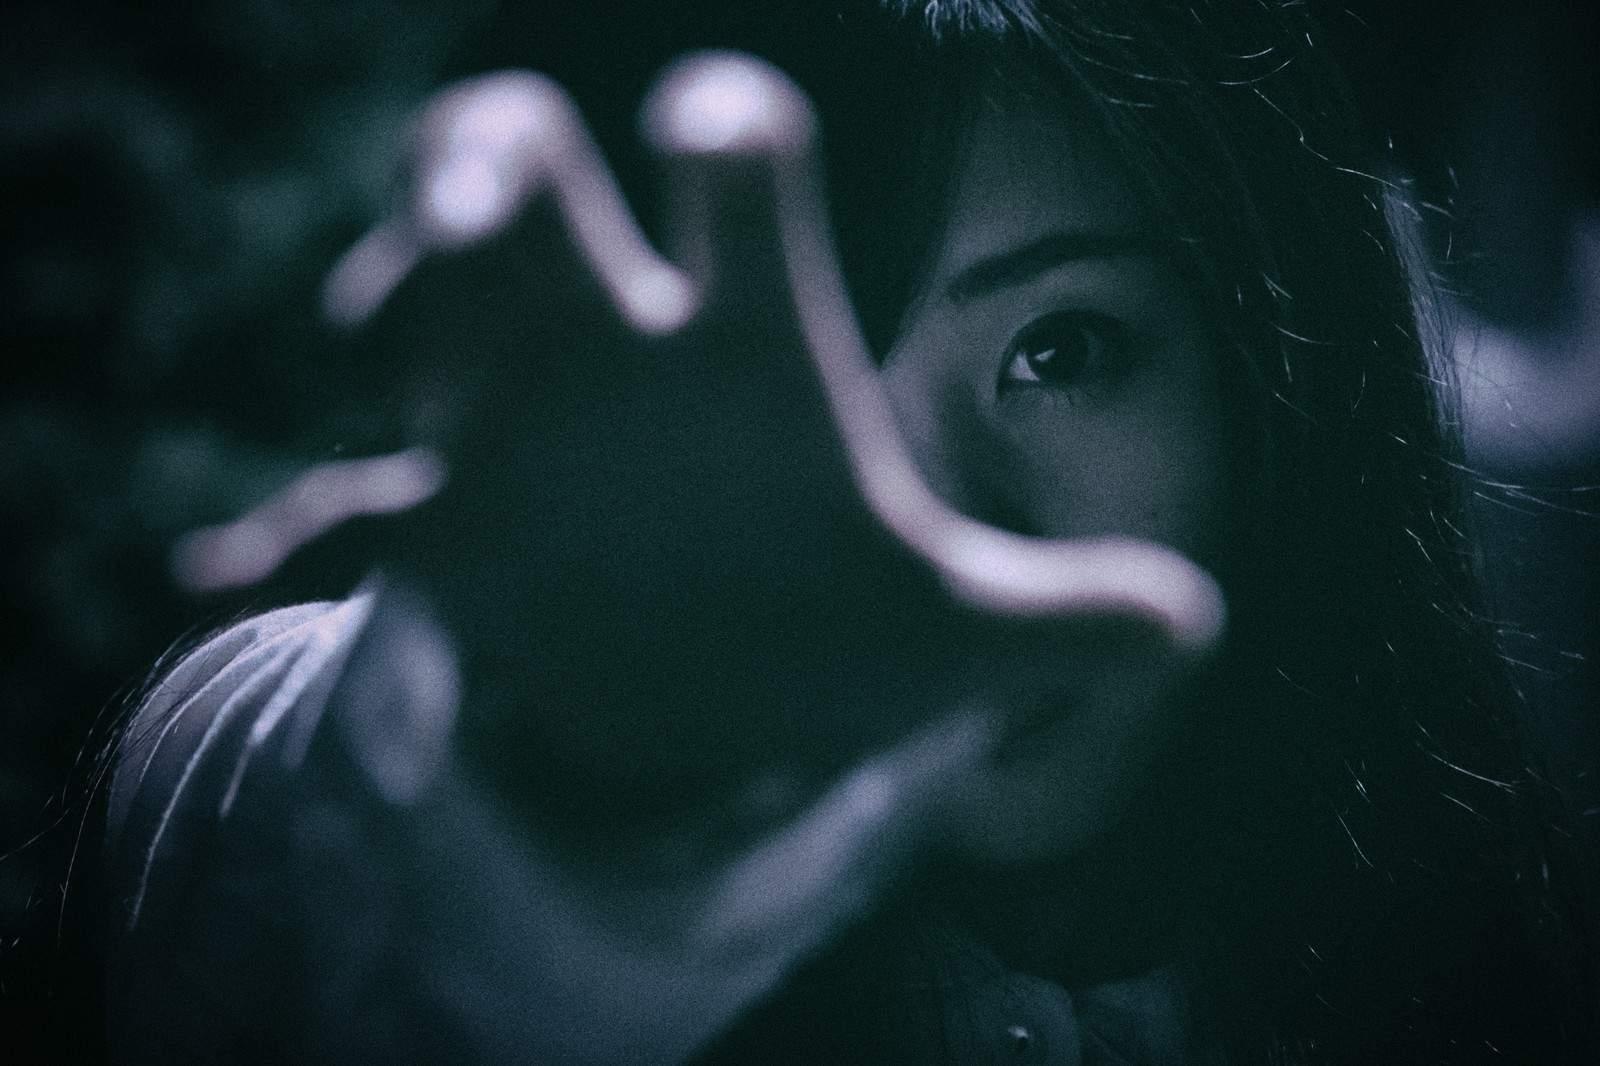 『喪服の女』|世にも奇妙な都市伝説【長編・オカルト・怖い話】